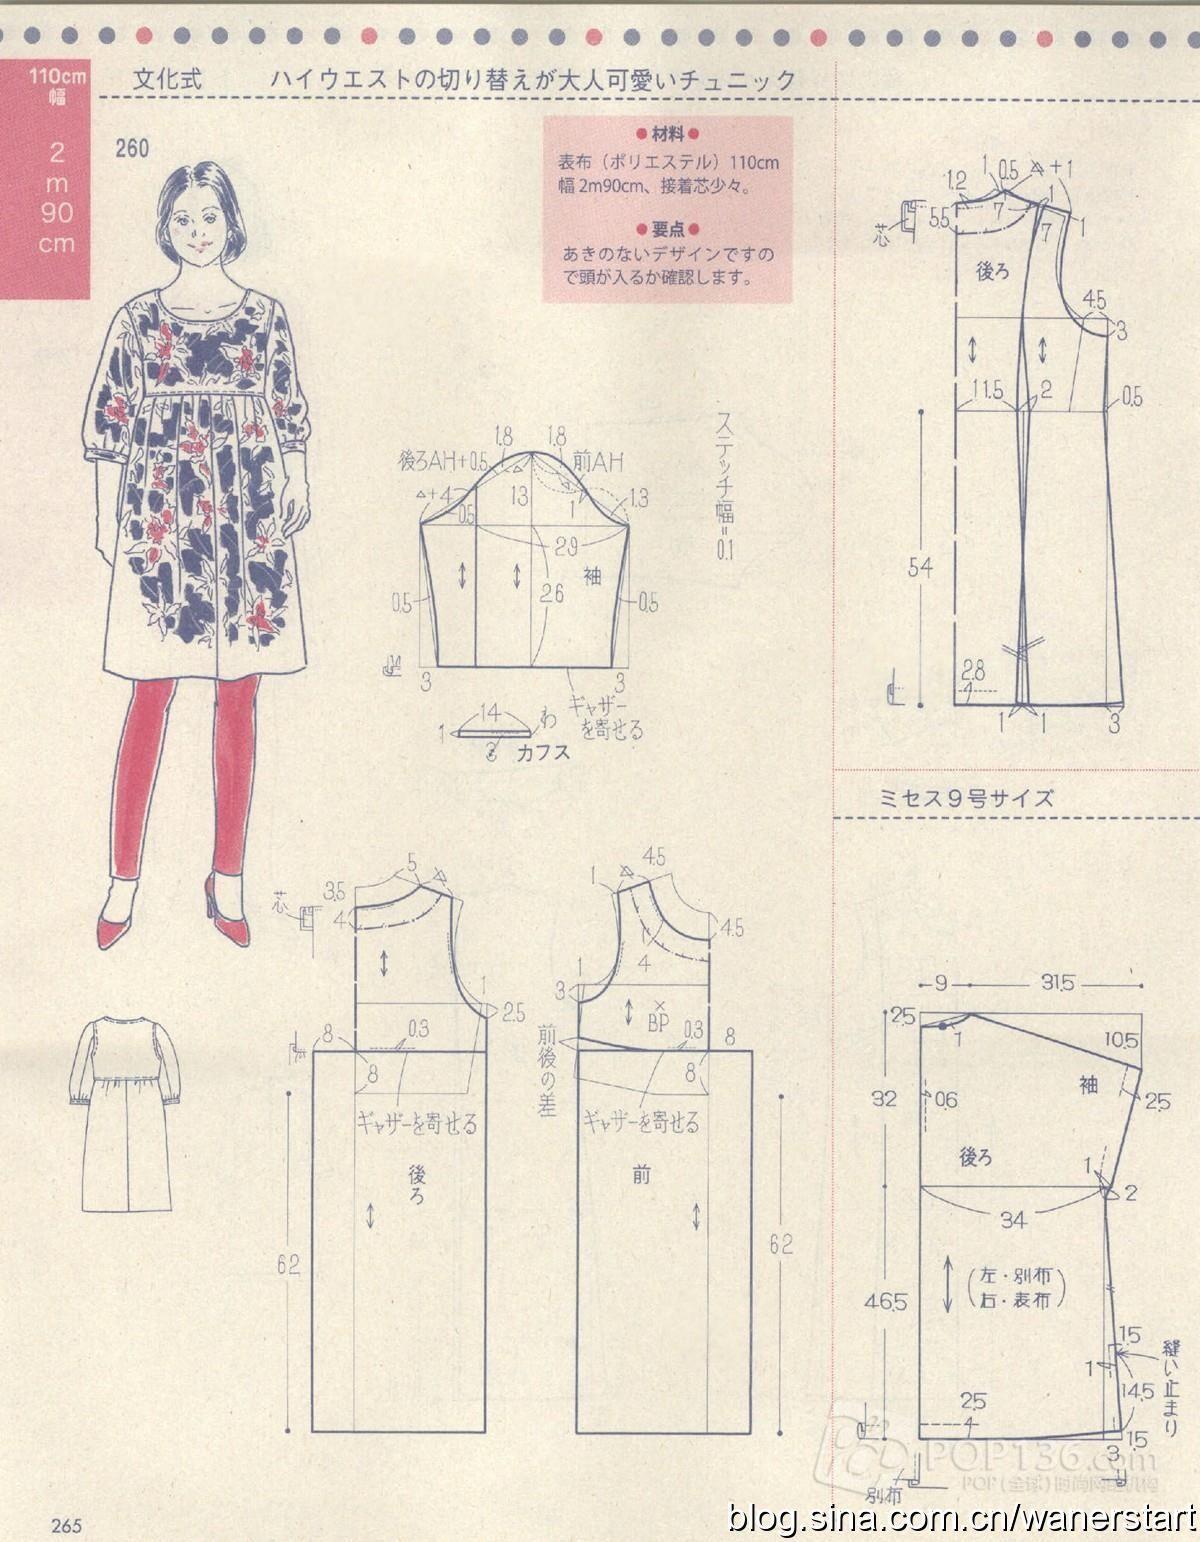 Pin de Virge en especial | Pinterest | Costura, Patrones y Patrones ...